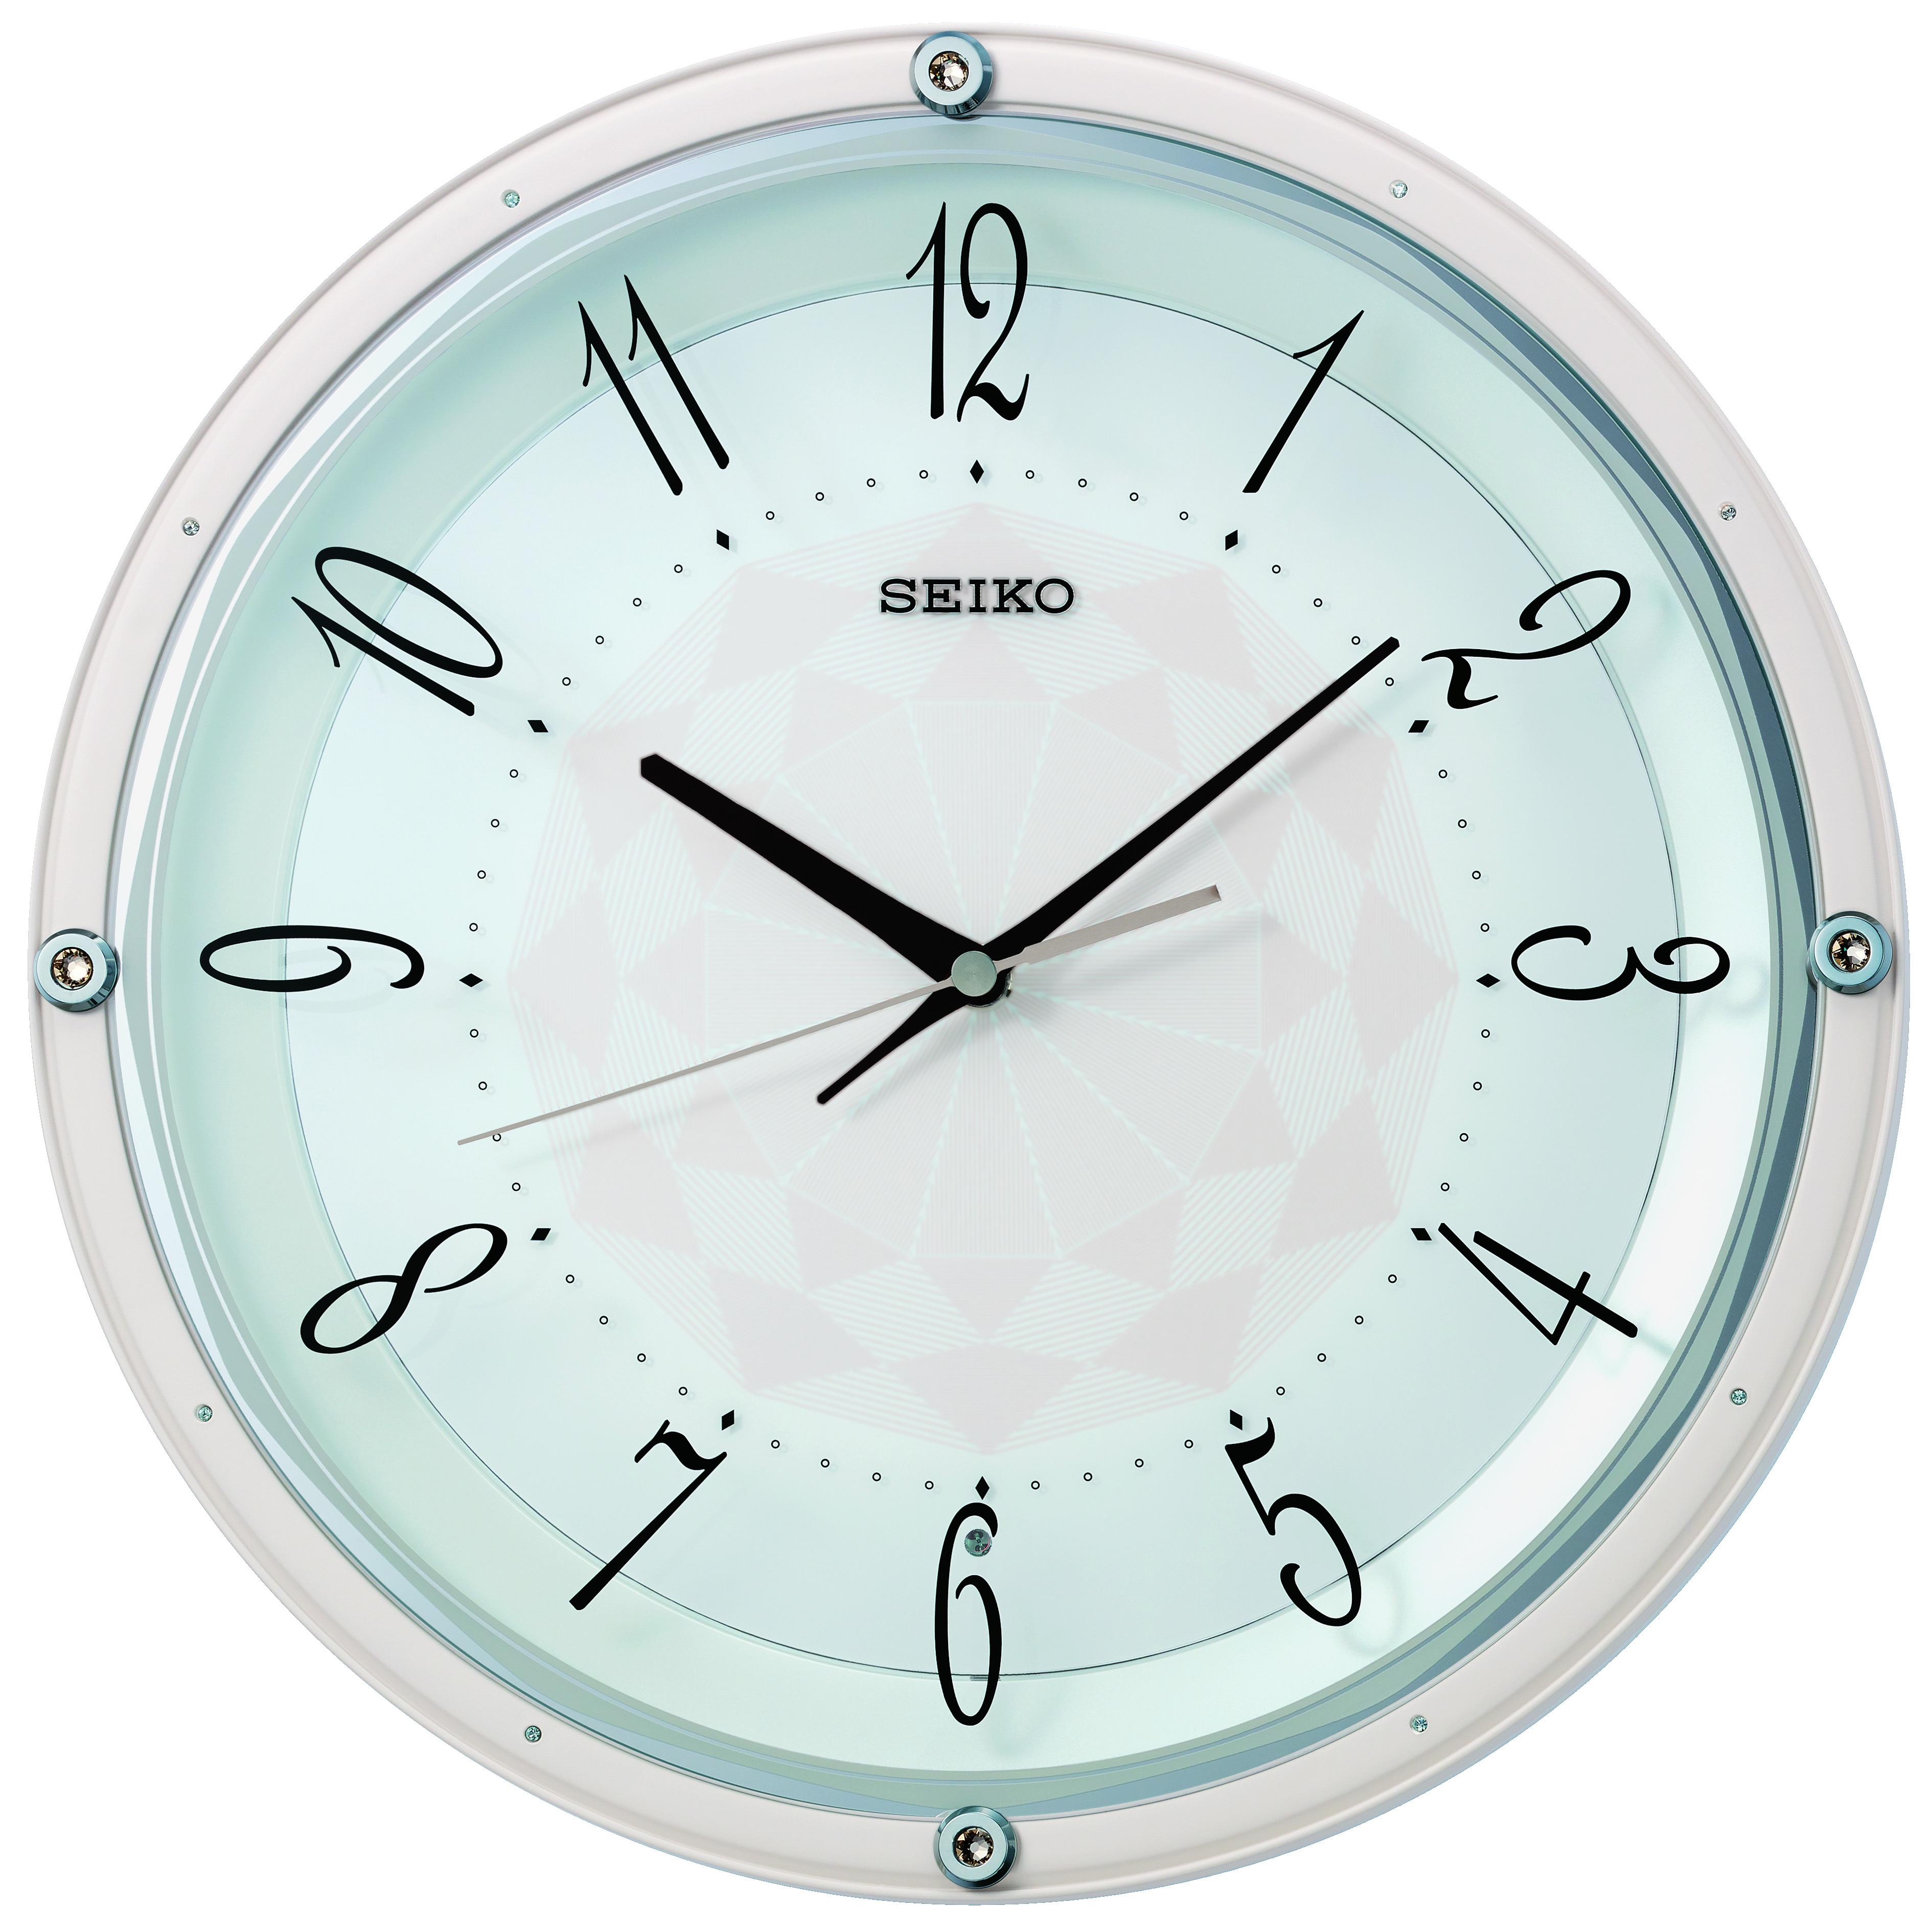 [セイコークロック] 電波掛時計 KX257Pの商品画像